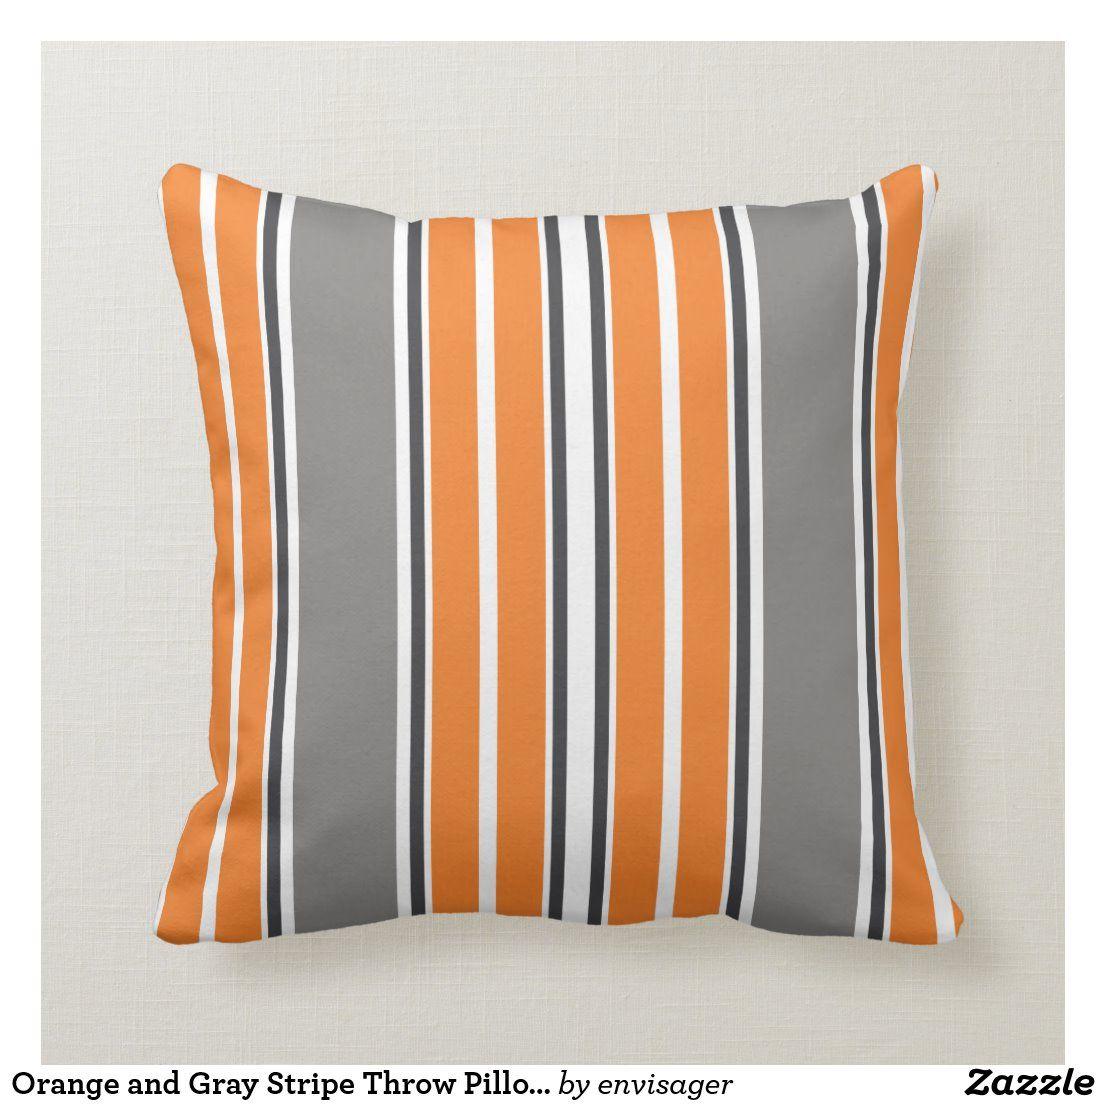 Orange And Gray Stripe Throw Pillows Zazzle Com In 2020 Orange Throw Pillows Stripe Throw Pillow Personalized Throw Pillow